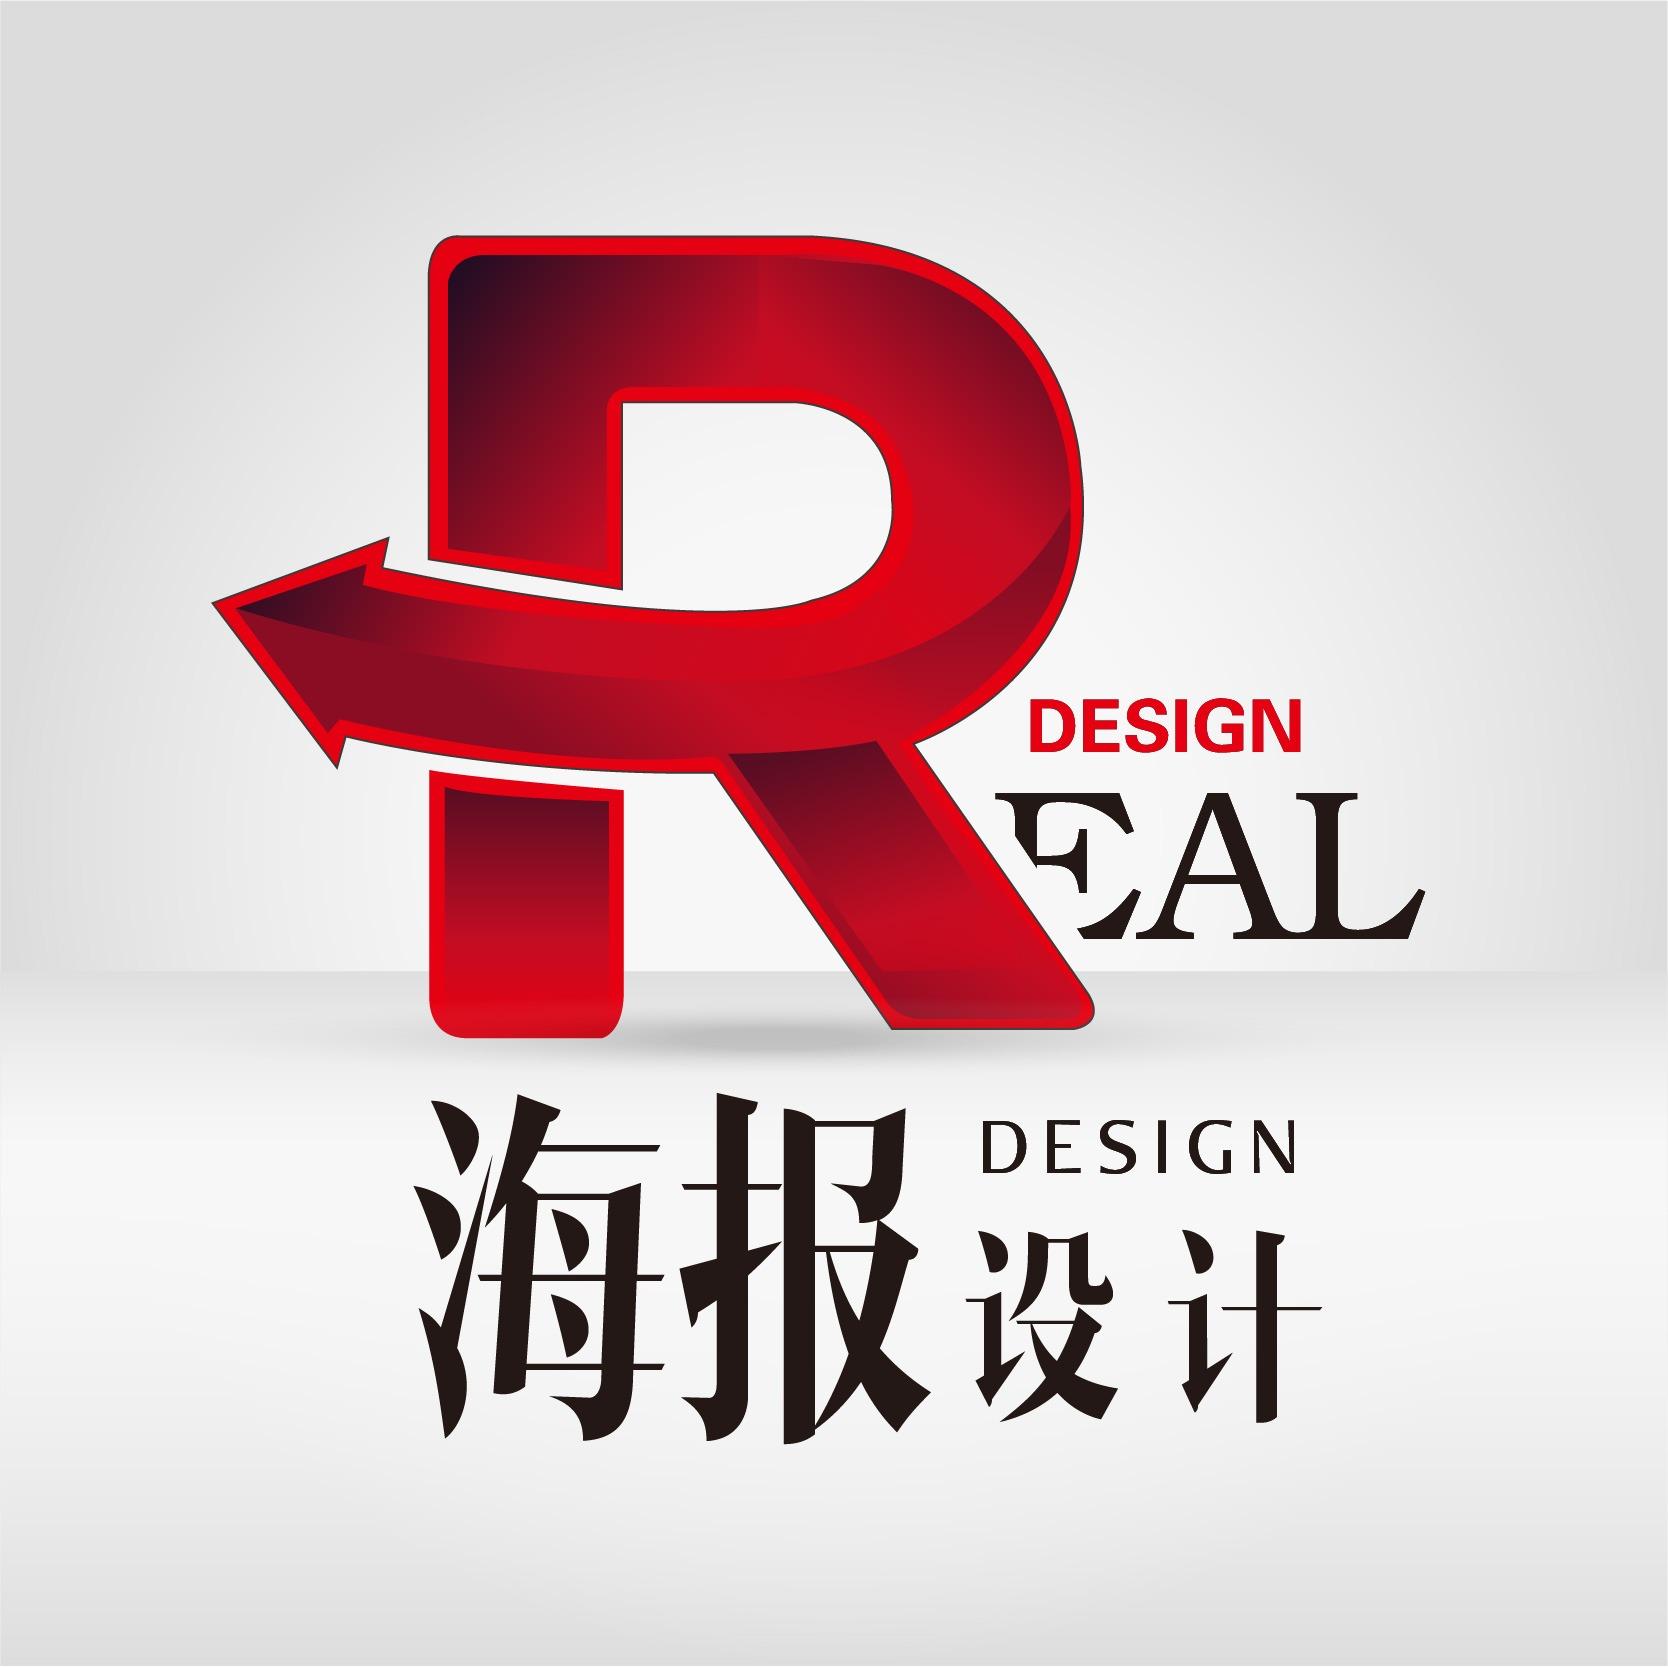 海报 设计 宣传单广告电商京东轮播宣传单banner广告平面 设计